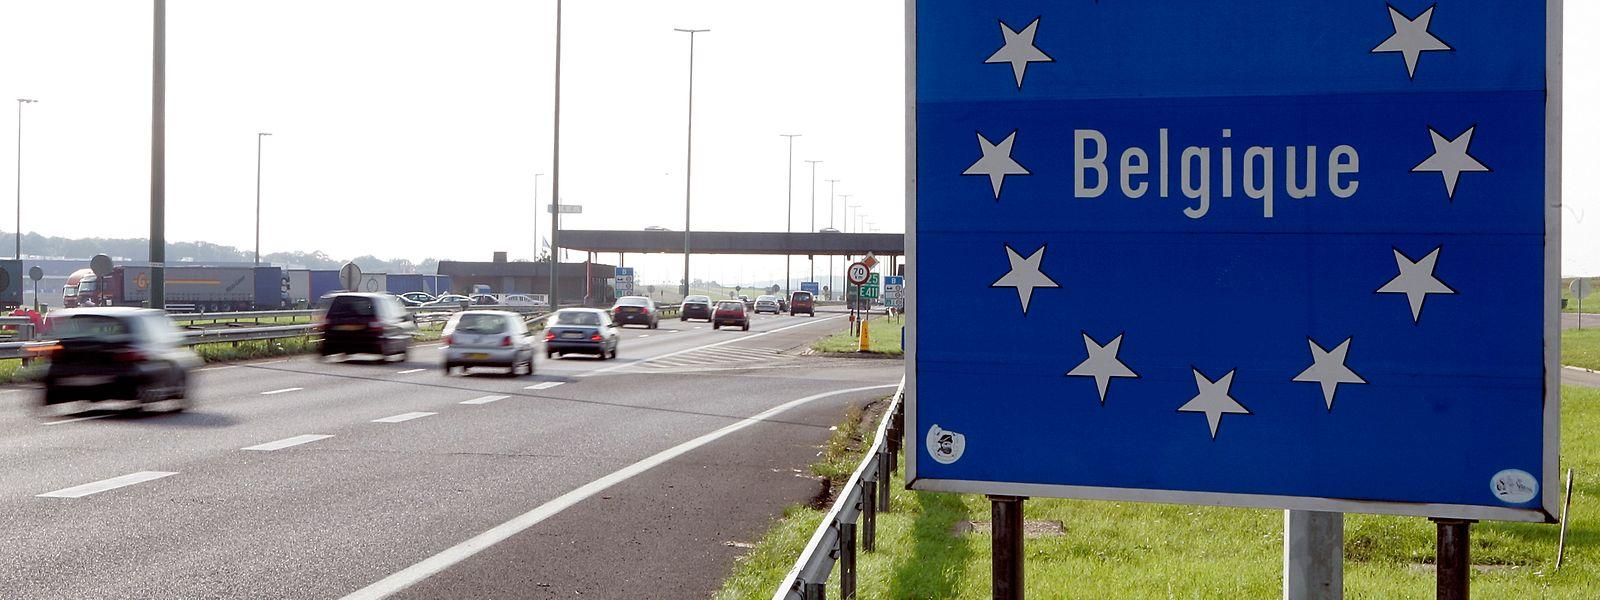 douane Belgique